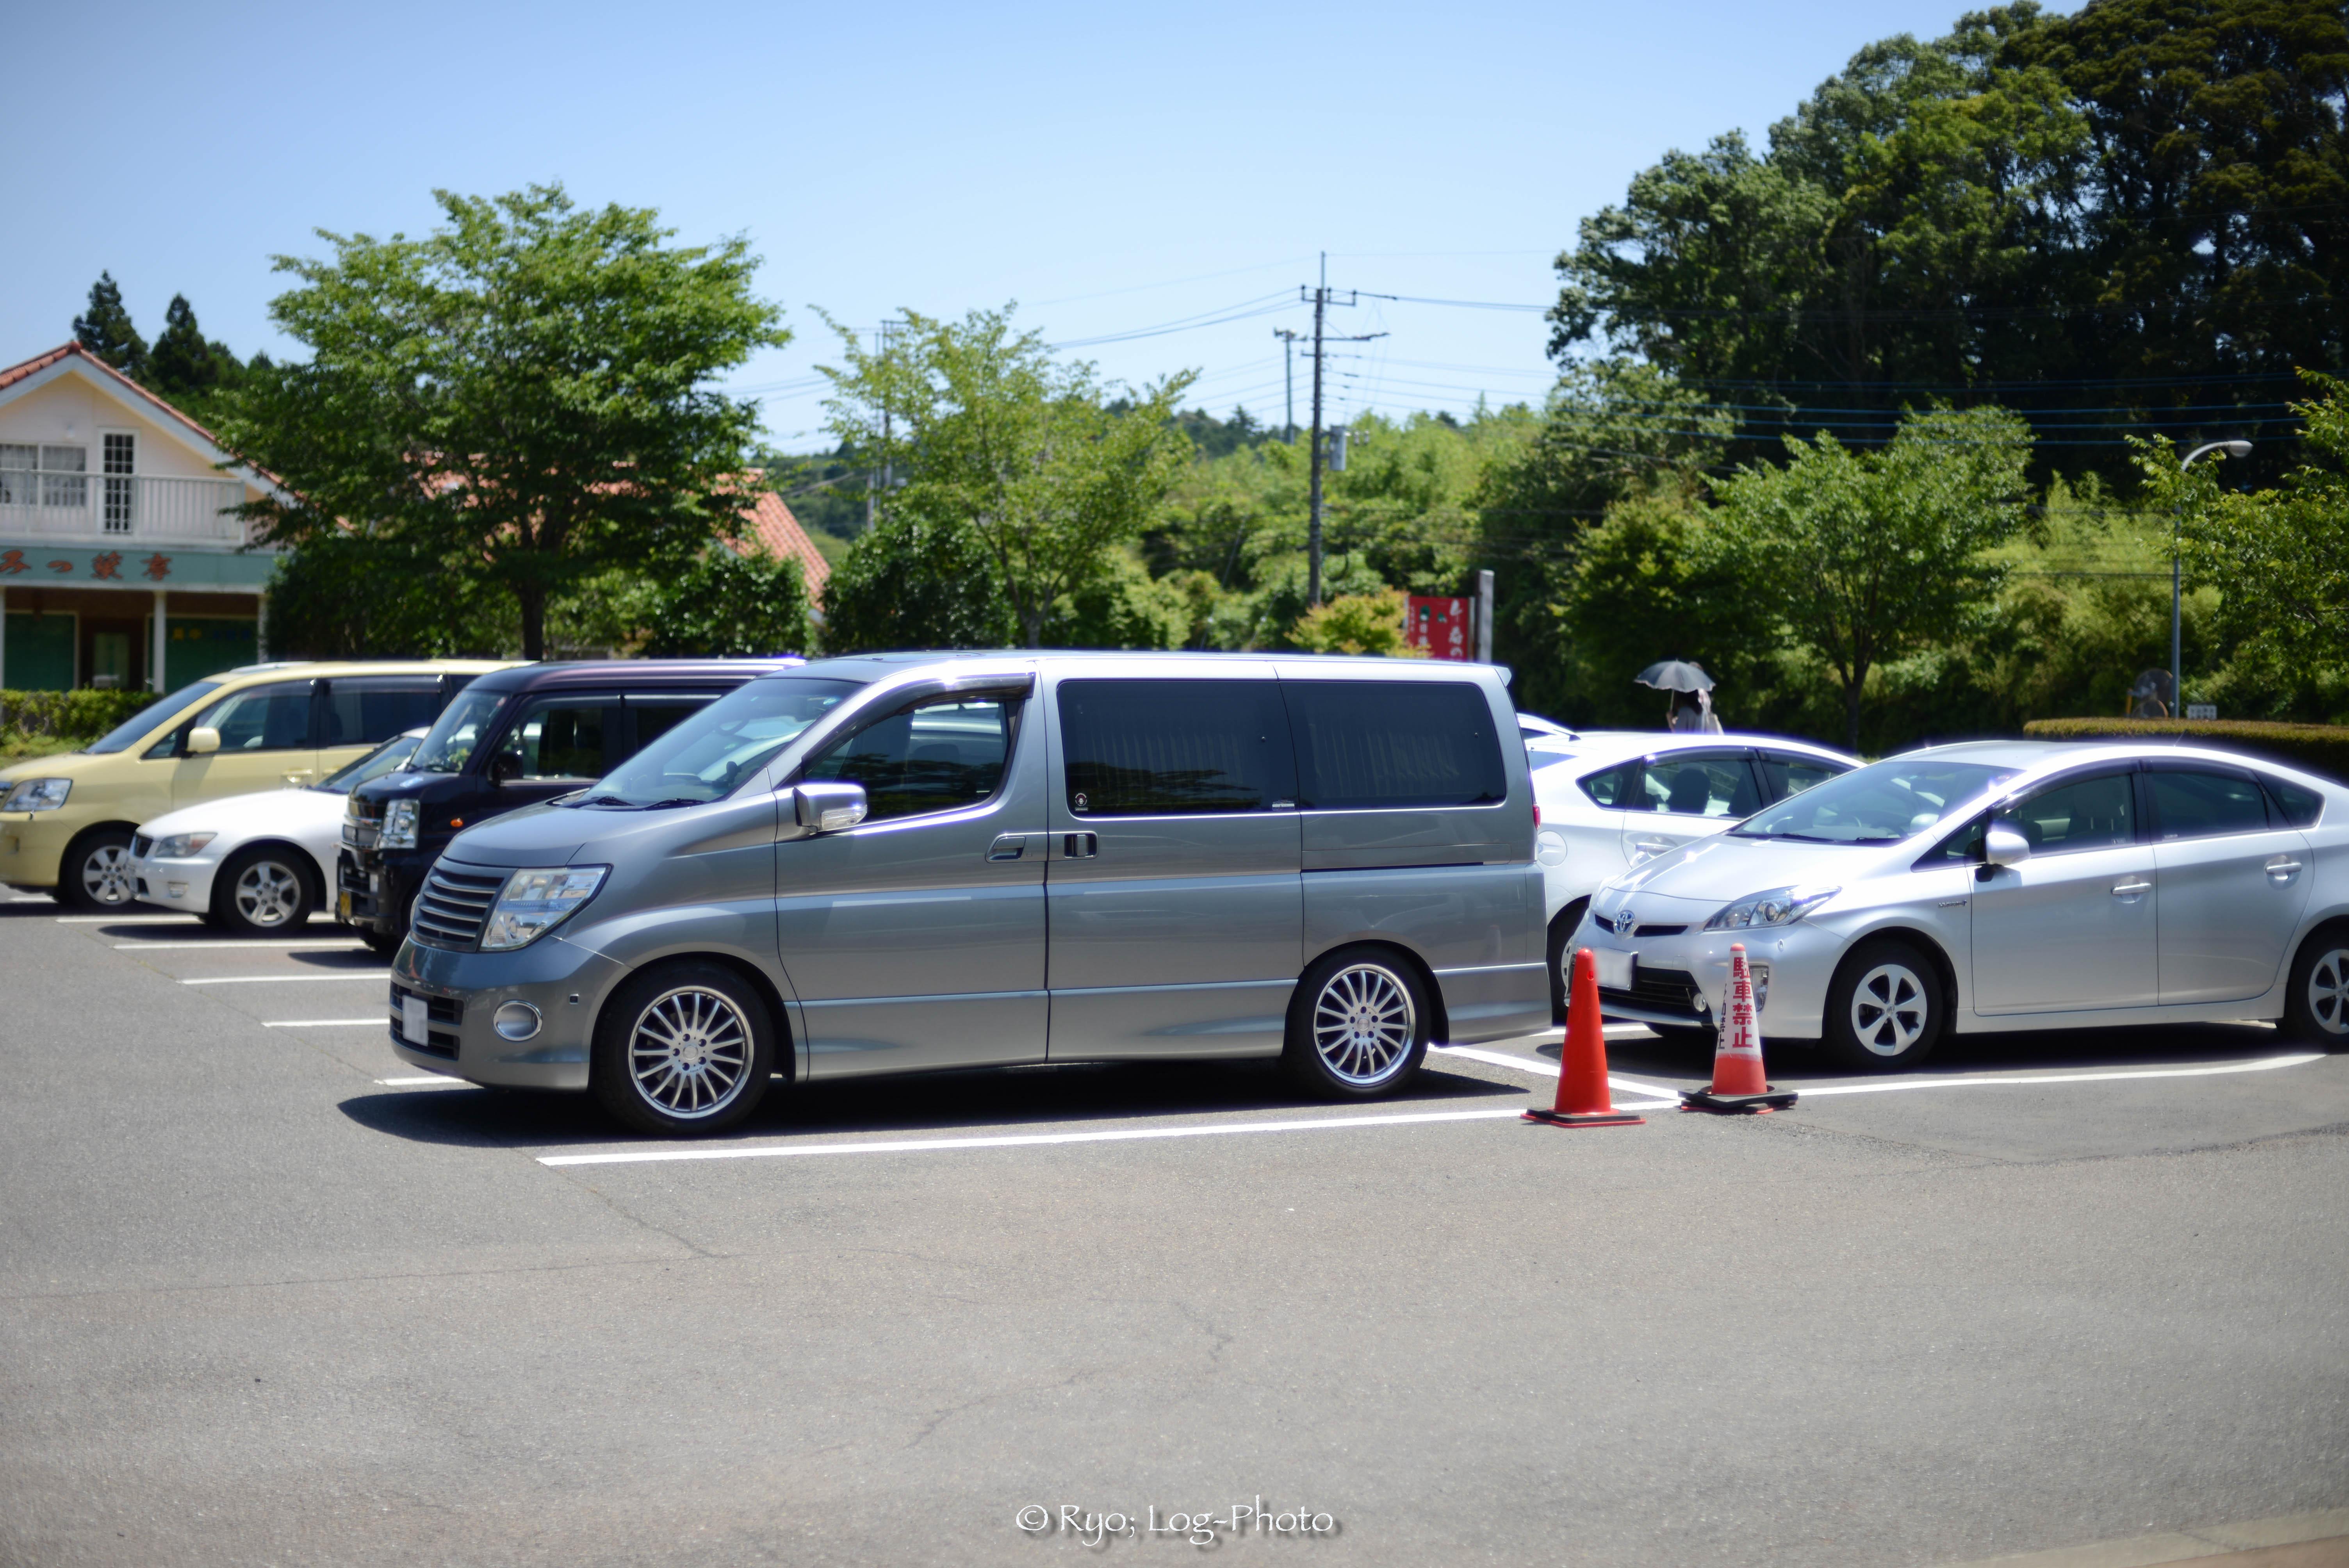 駐車場は平日でも満車でした